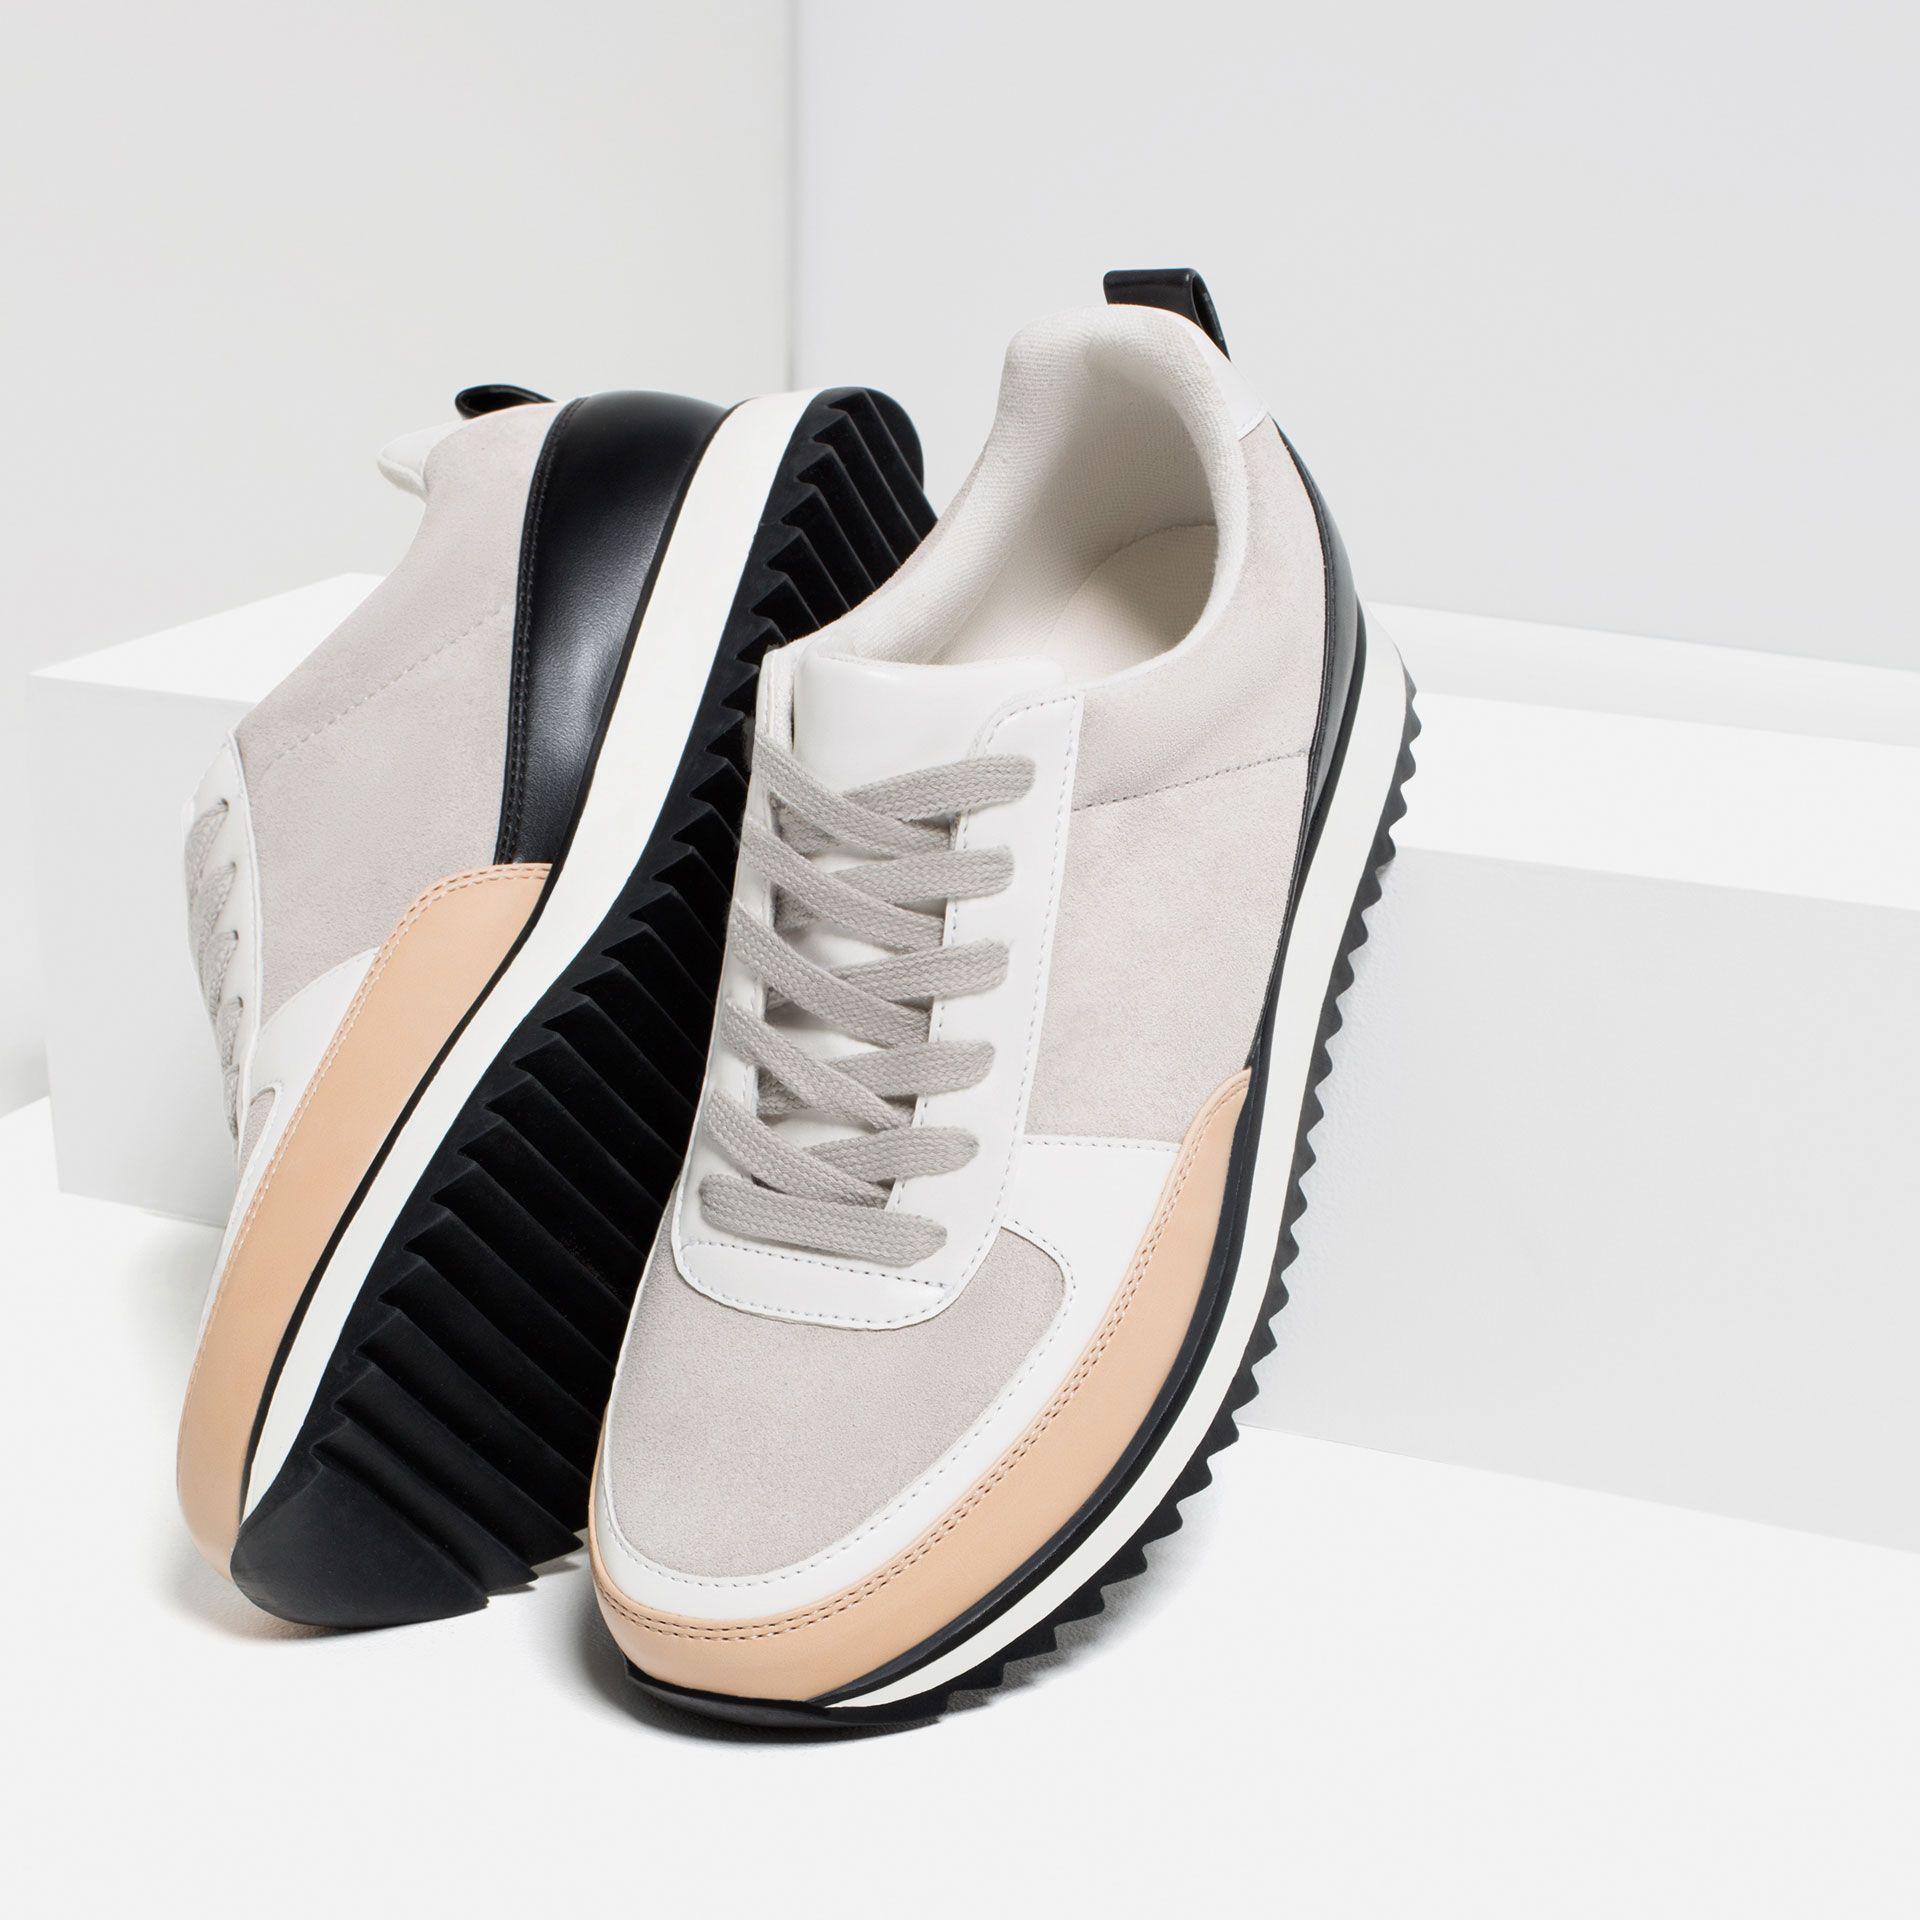 hot sale online 822ca 8c4d7 Tenis Zara Zapatillas Zara, Zapatos De Moda, Botas, Zapatos Deportivos Mujer,  Zapatillas